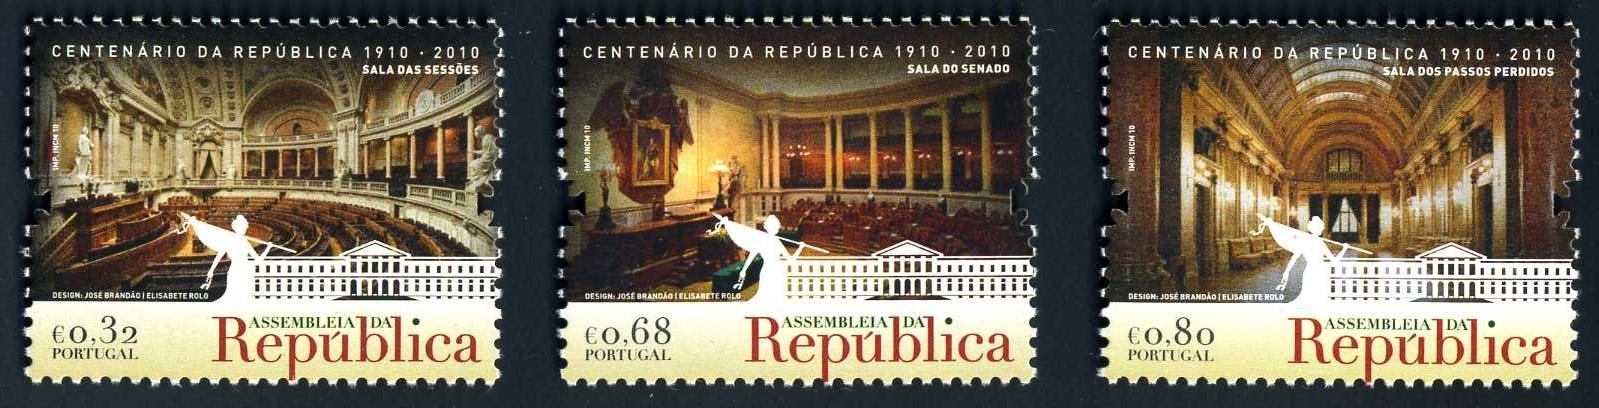 PT 083 2010 100 J. Republik Satz.jpg